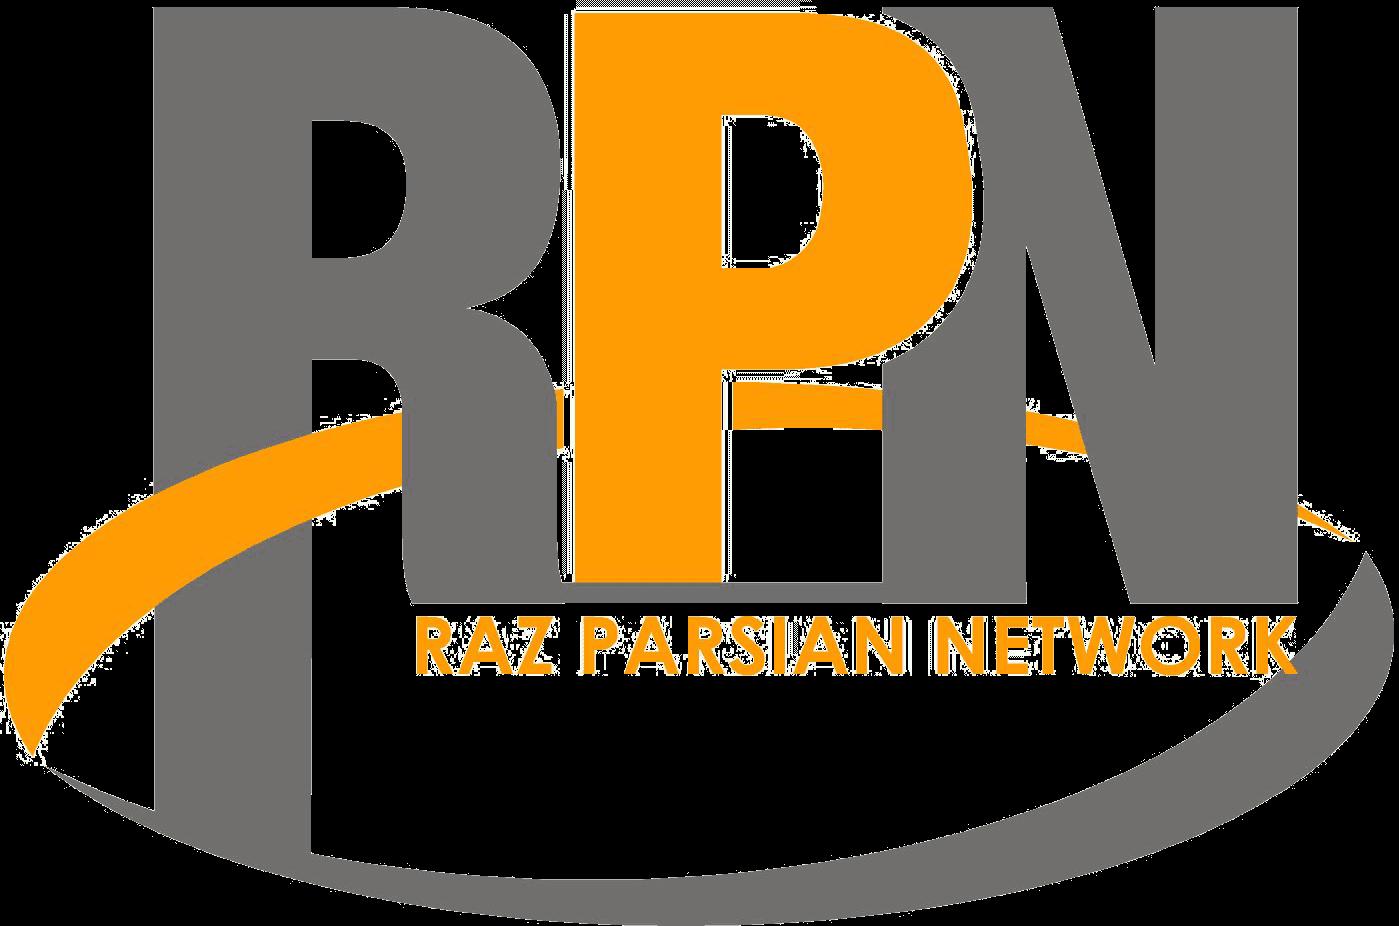 شبکه راز پارسیان